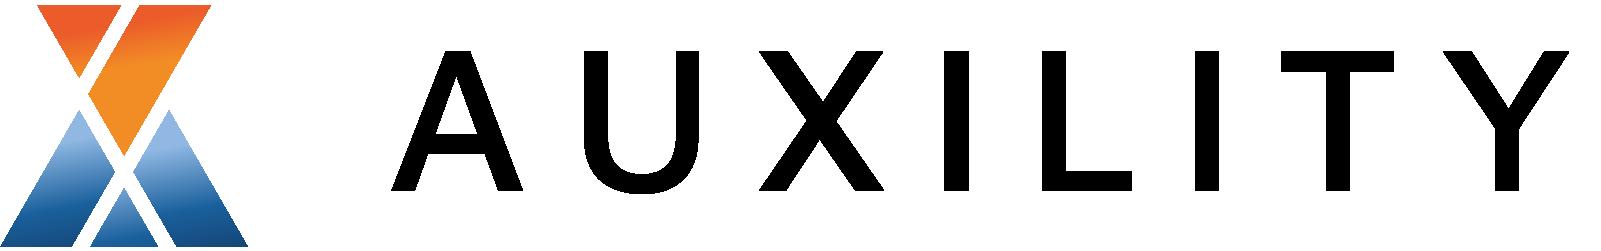 logo Auxility